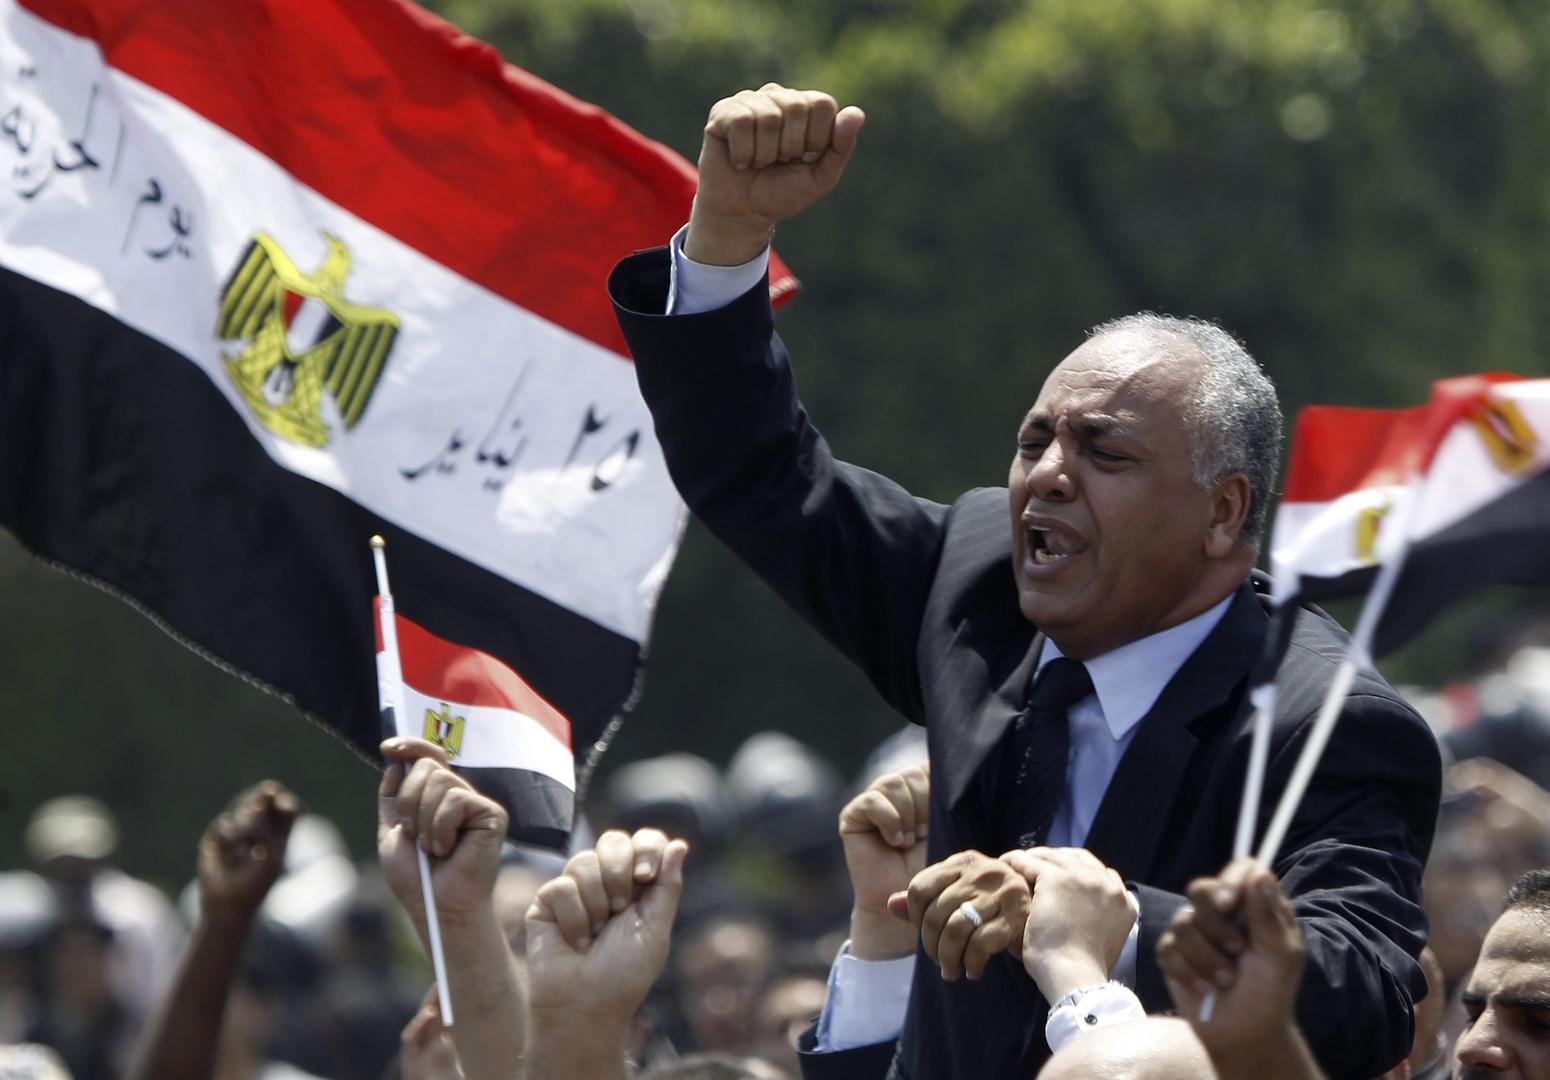 برلماني مصري: انتقادات بومبيو للقاهرة بشأن ملف حقوق الإنسان مقدمة لمعاقبتها بسبب السوخوي